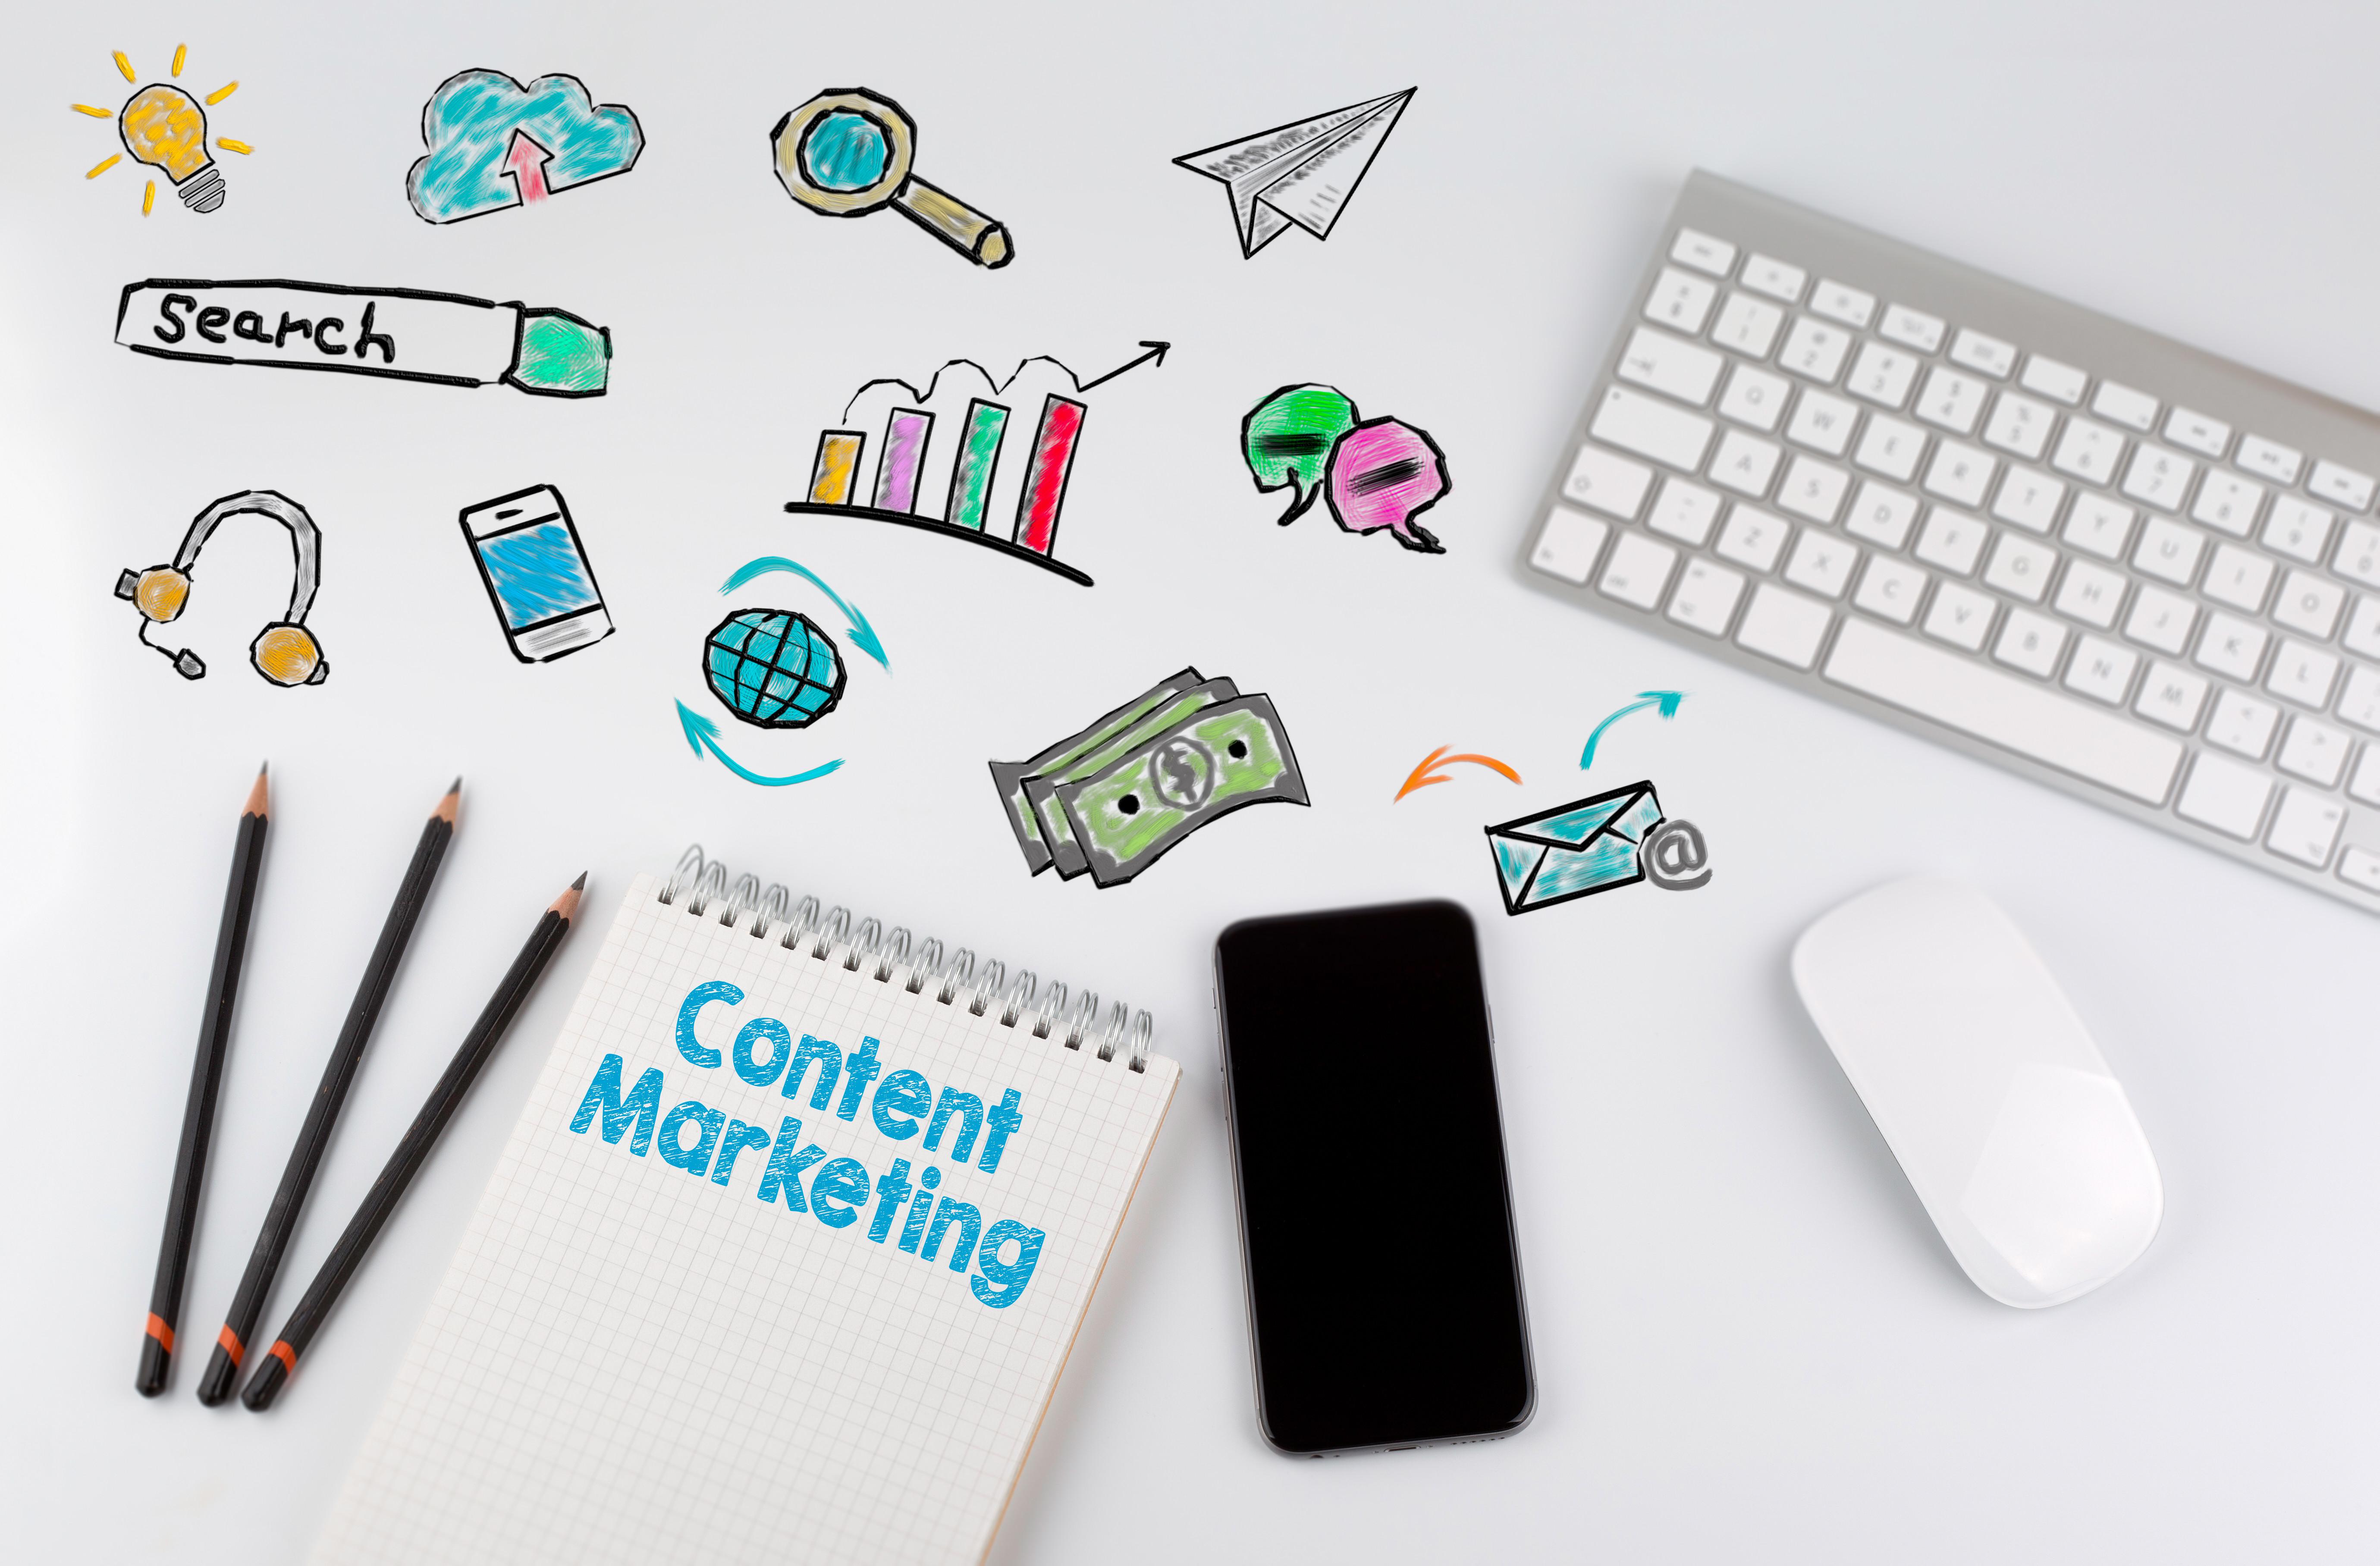 B2B内容营销越来越难做?4条建议带你突破瓶颈 | 专家视角